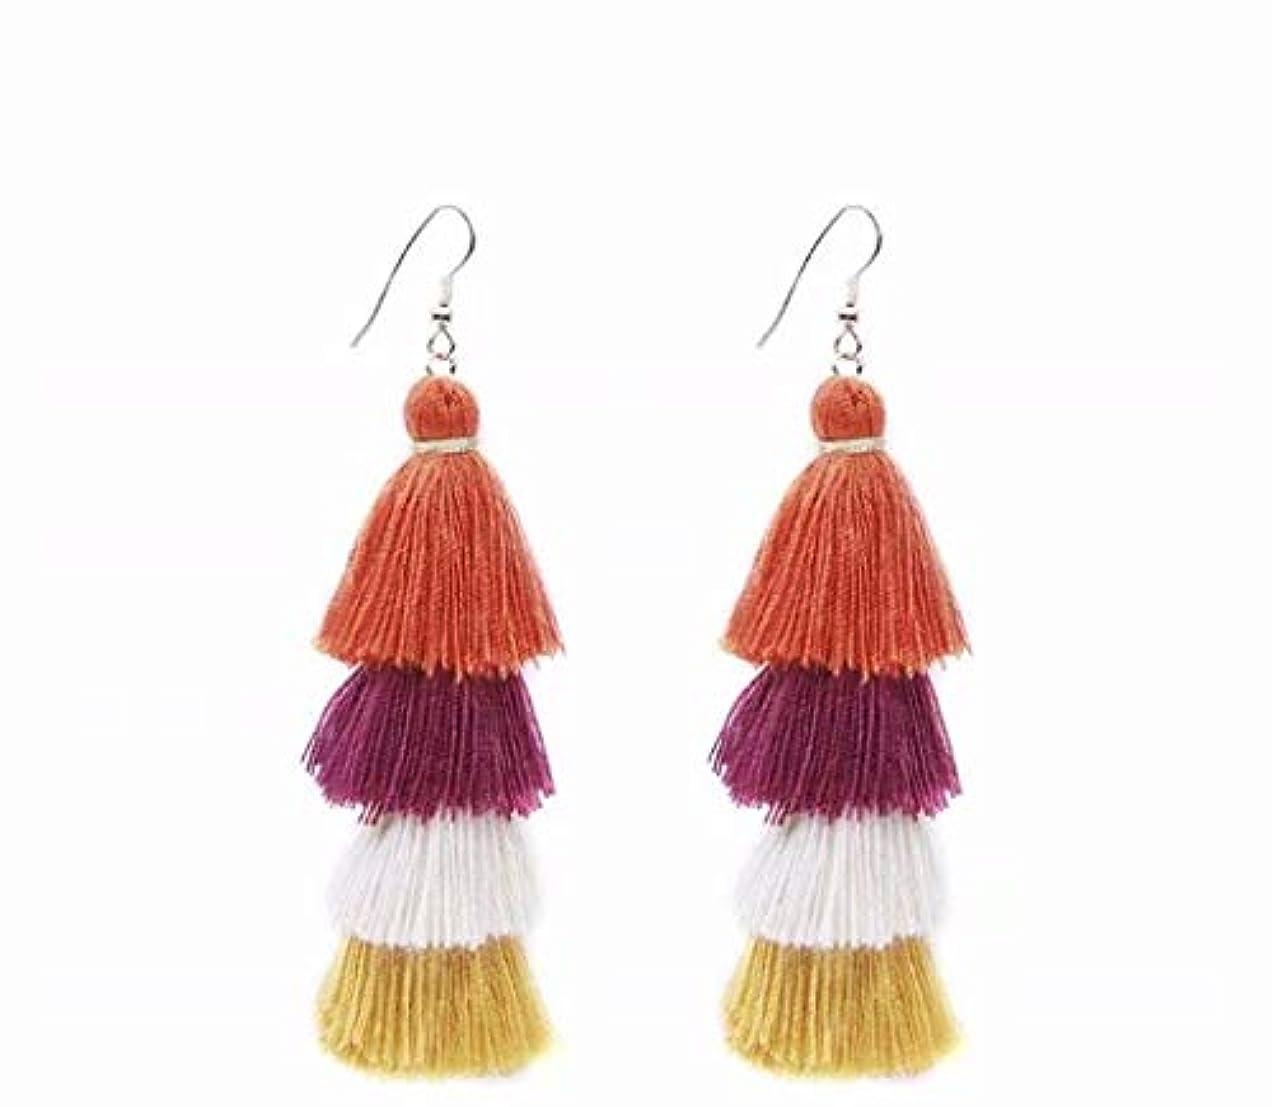 旅客許すダウンタウン七里の香 Fan Tassel Earrings Hoop Drop Dangle Earrings Fish Hook Earring for Daily Wear, Wedding, Party